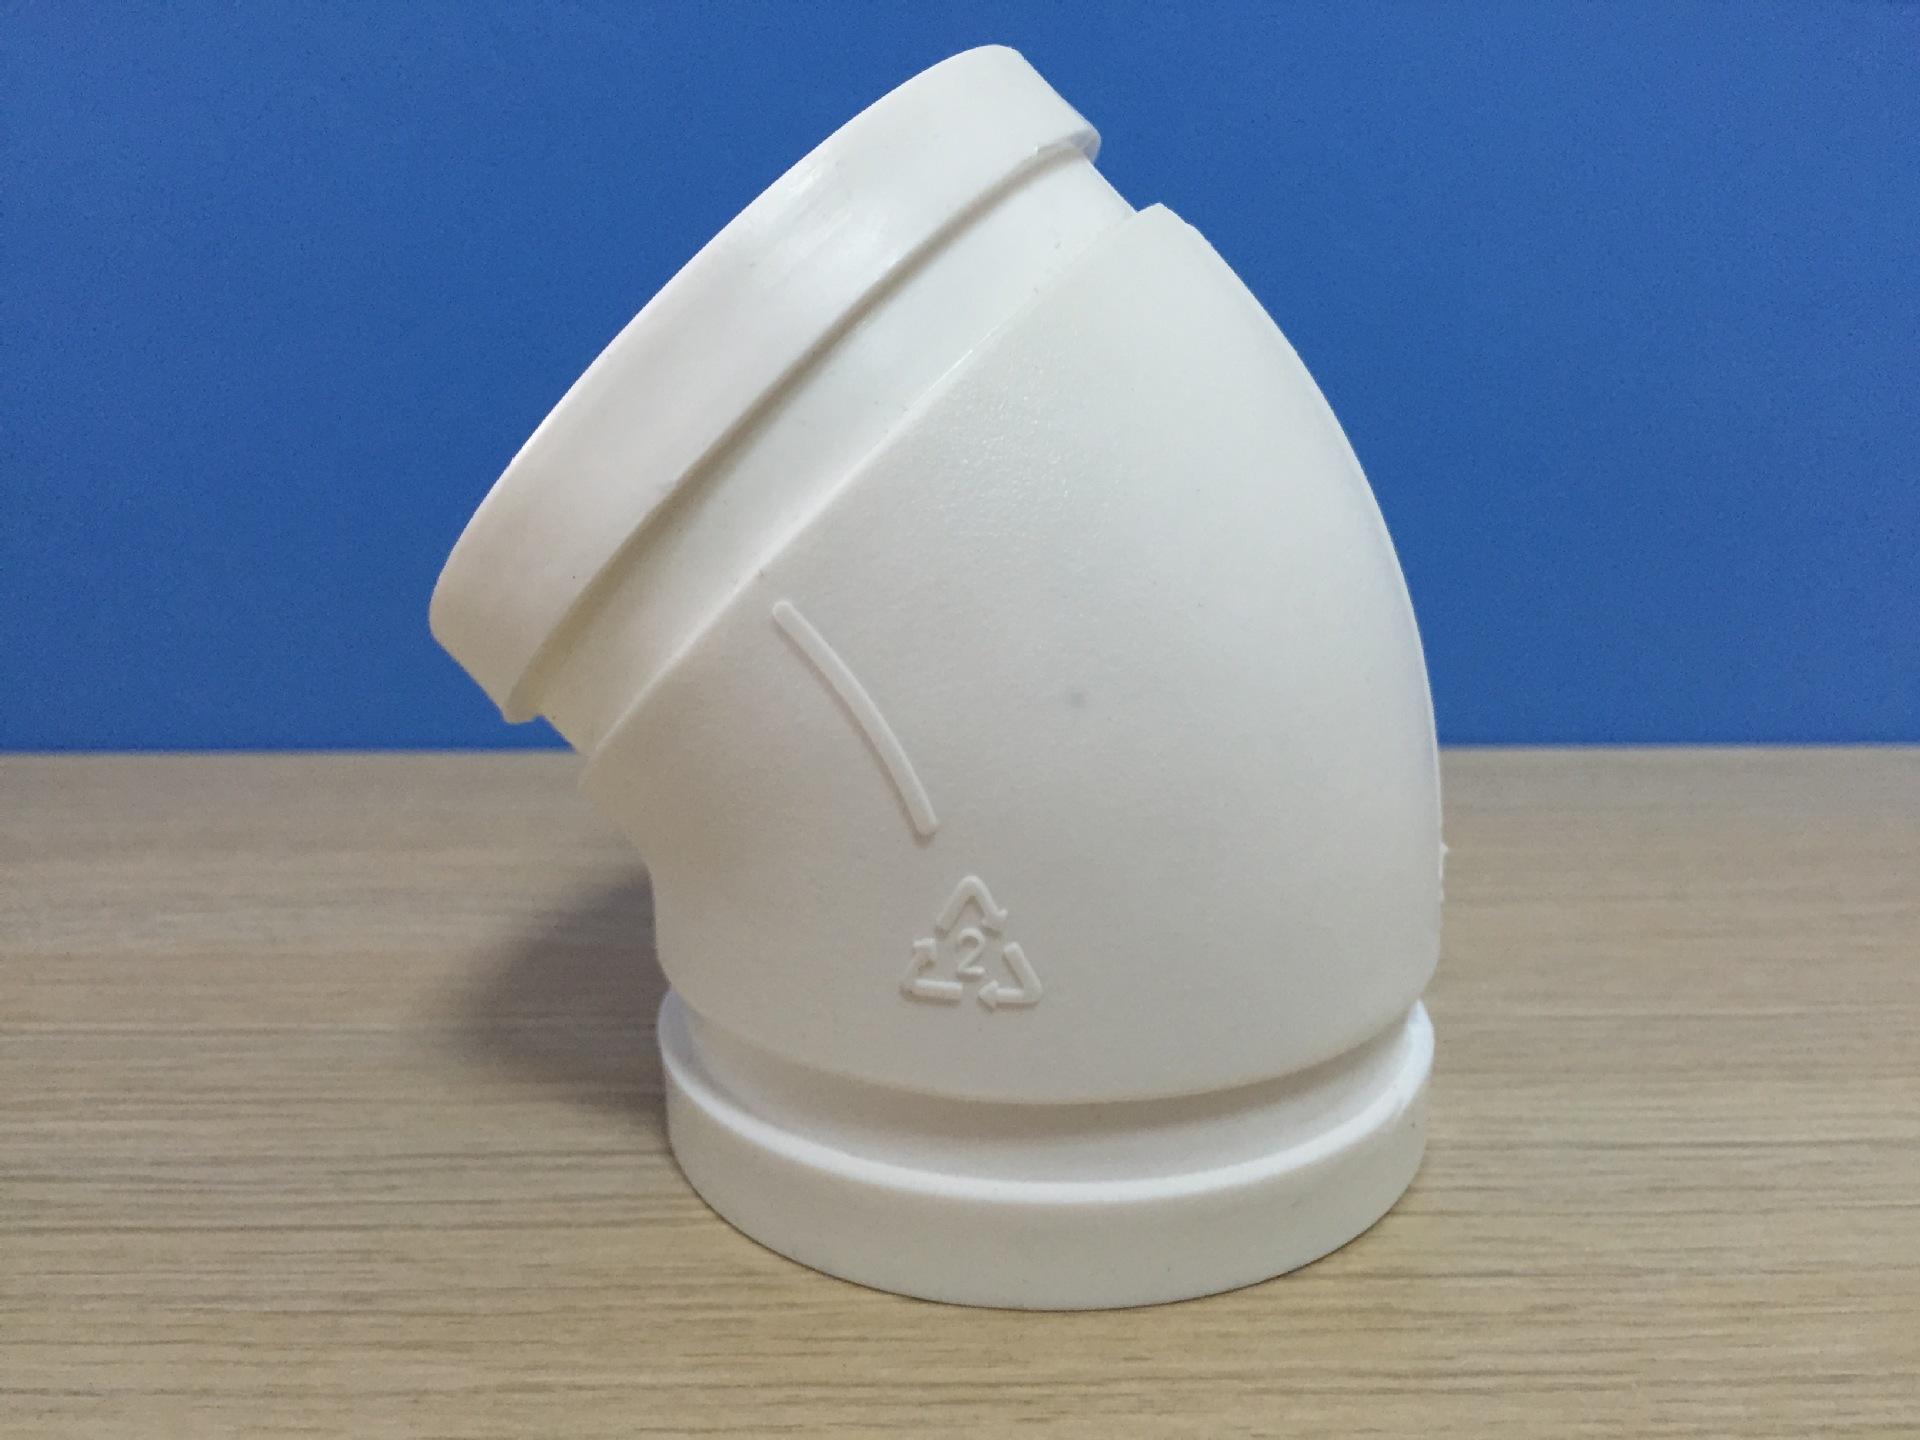 沟槽式HDPE中空排水管,45°直弯,PE沟槽式排水管,PE沟槽静音管示例图6